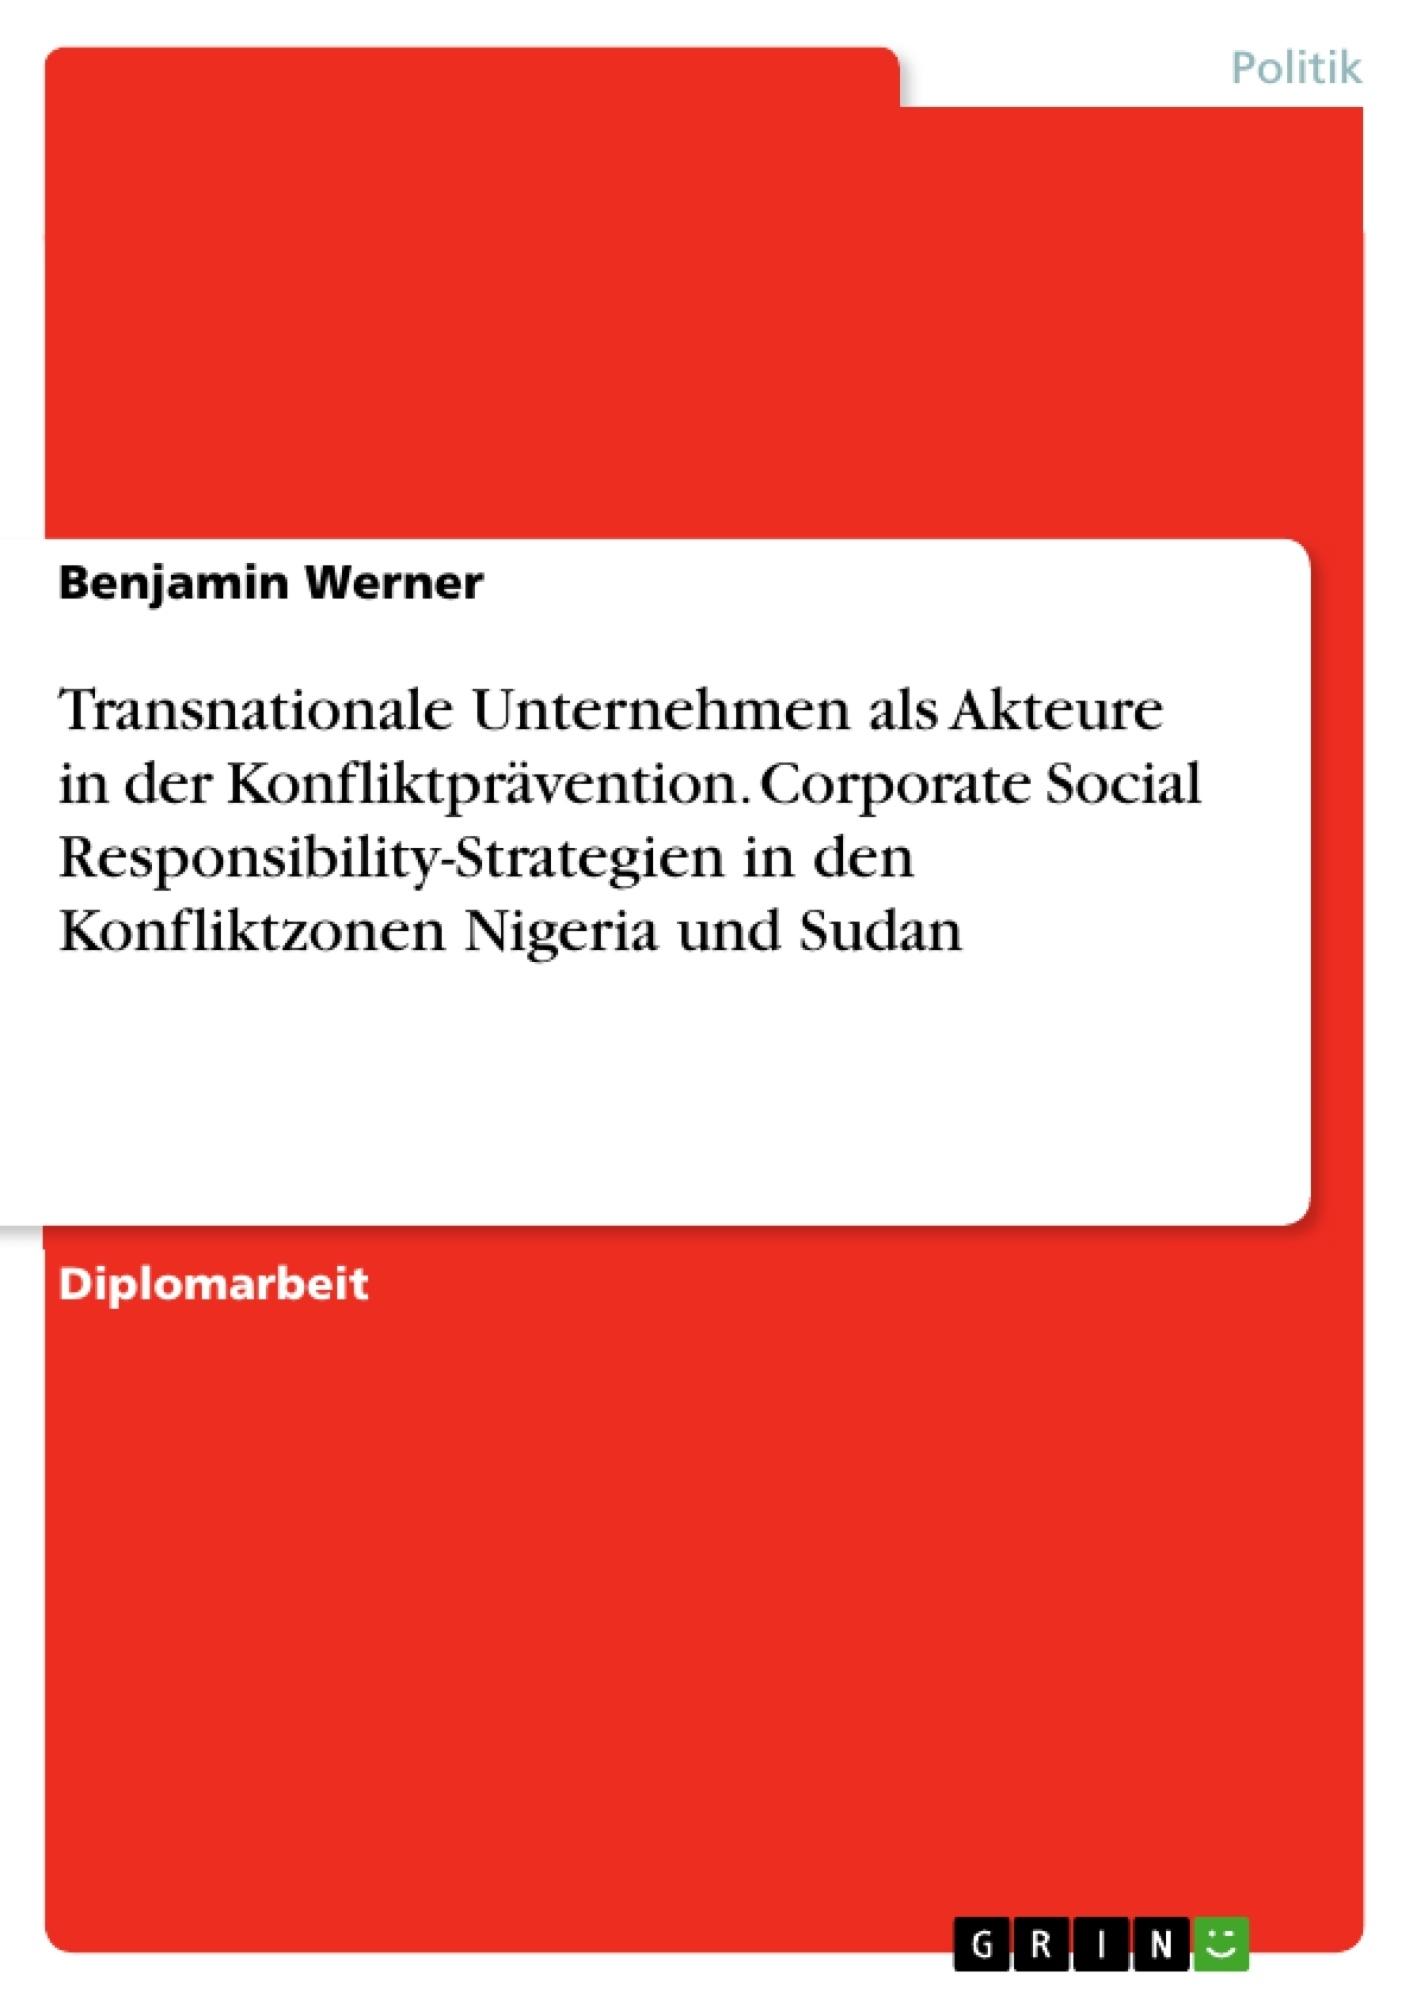 Titel: Transnationale Unternehmen als Akteure in der Konfliktprävention. Corporate Social Responsibility-Strategien in den Konfliktzonen Nigeria und Sudan